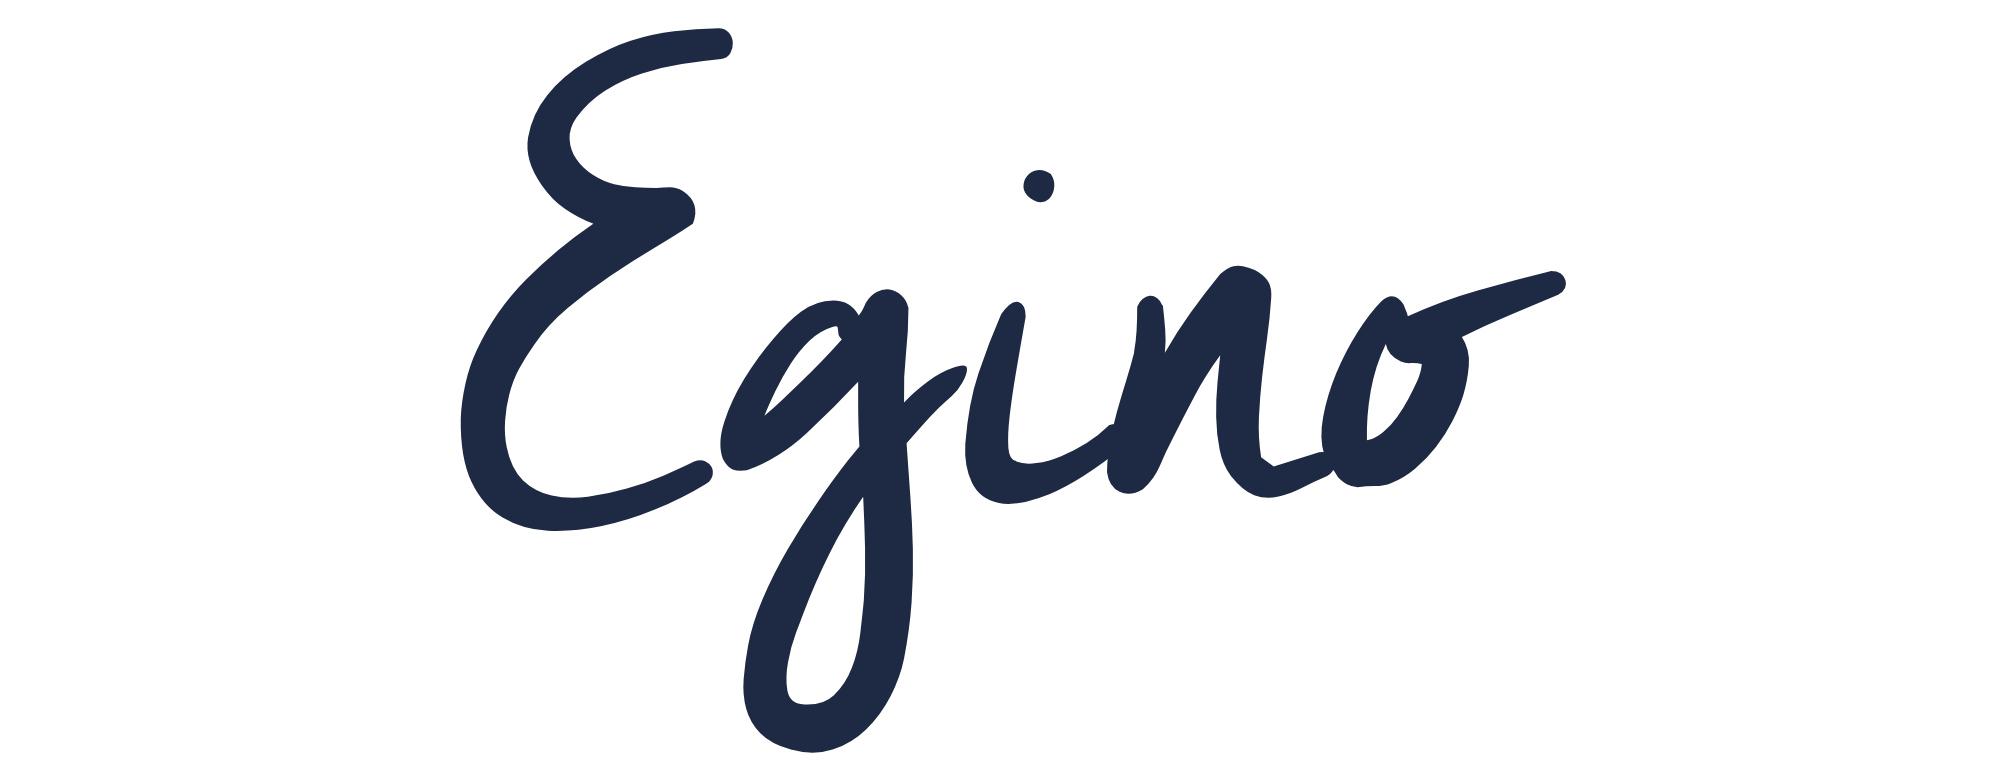 Egino Script.jpg